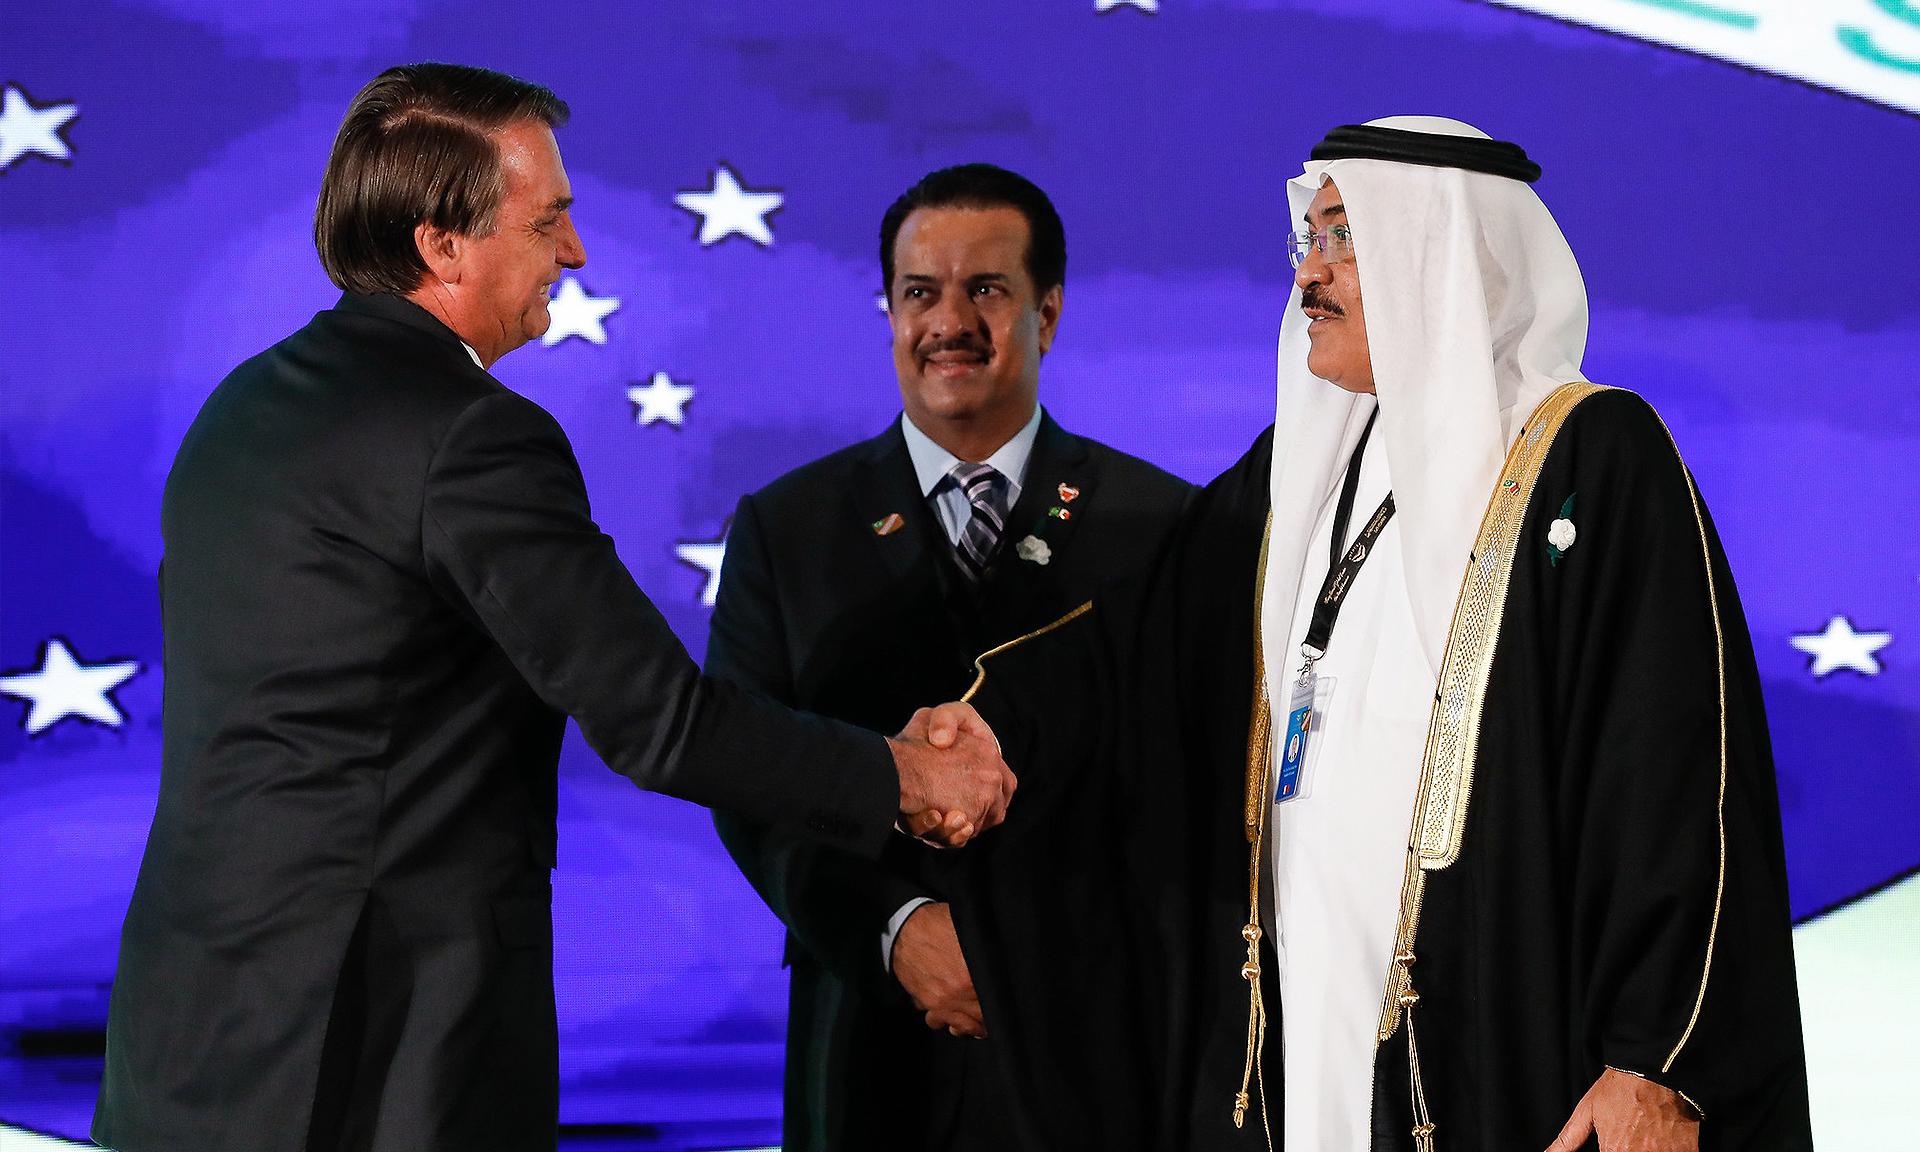 O País tem assinado com frequência acordos que permitem que a integração econômica, cultural e turística global seja marca nas relações internacionais brasileiras com outras nações